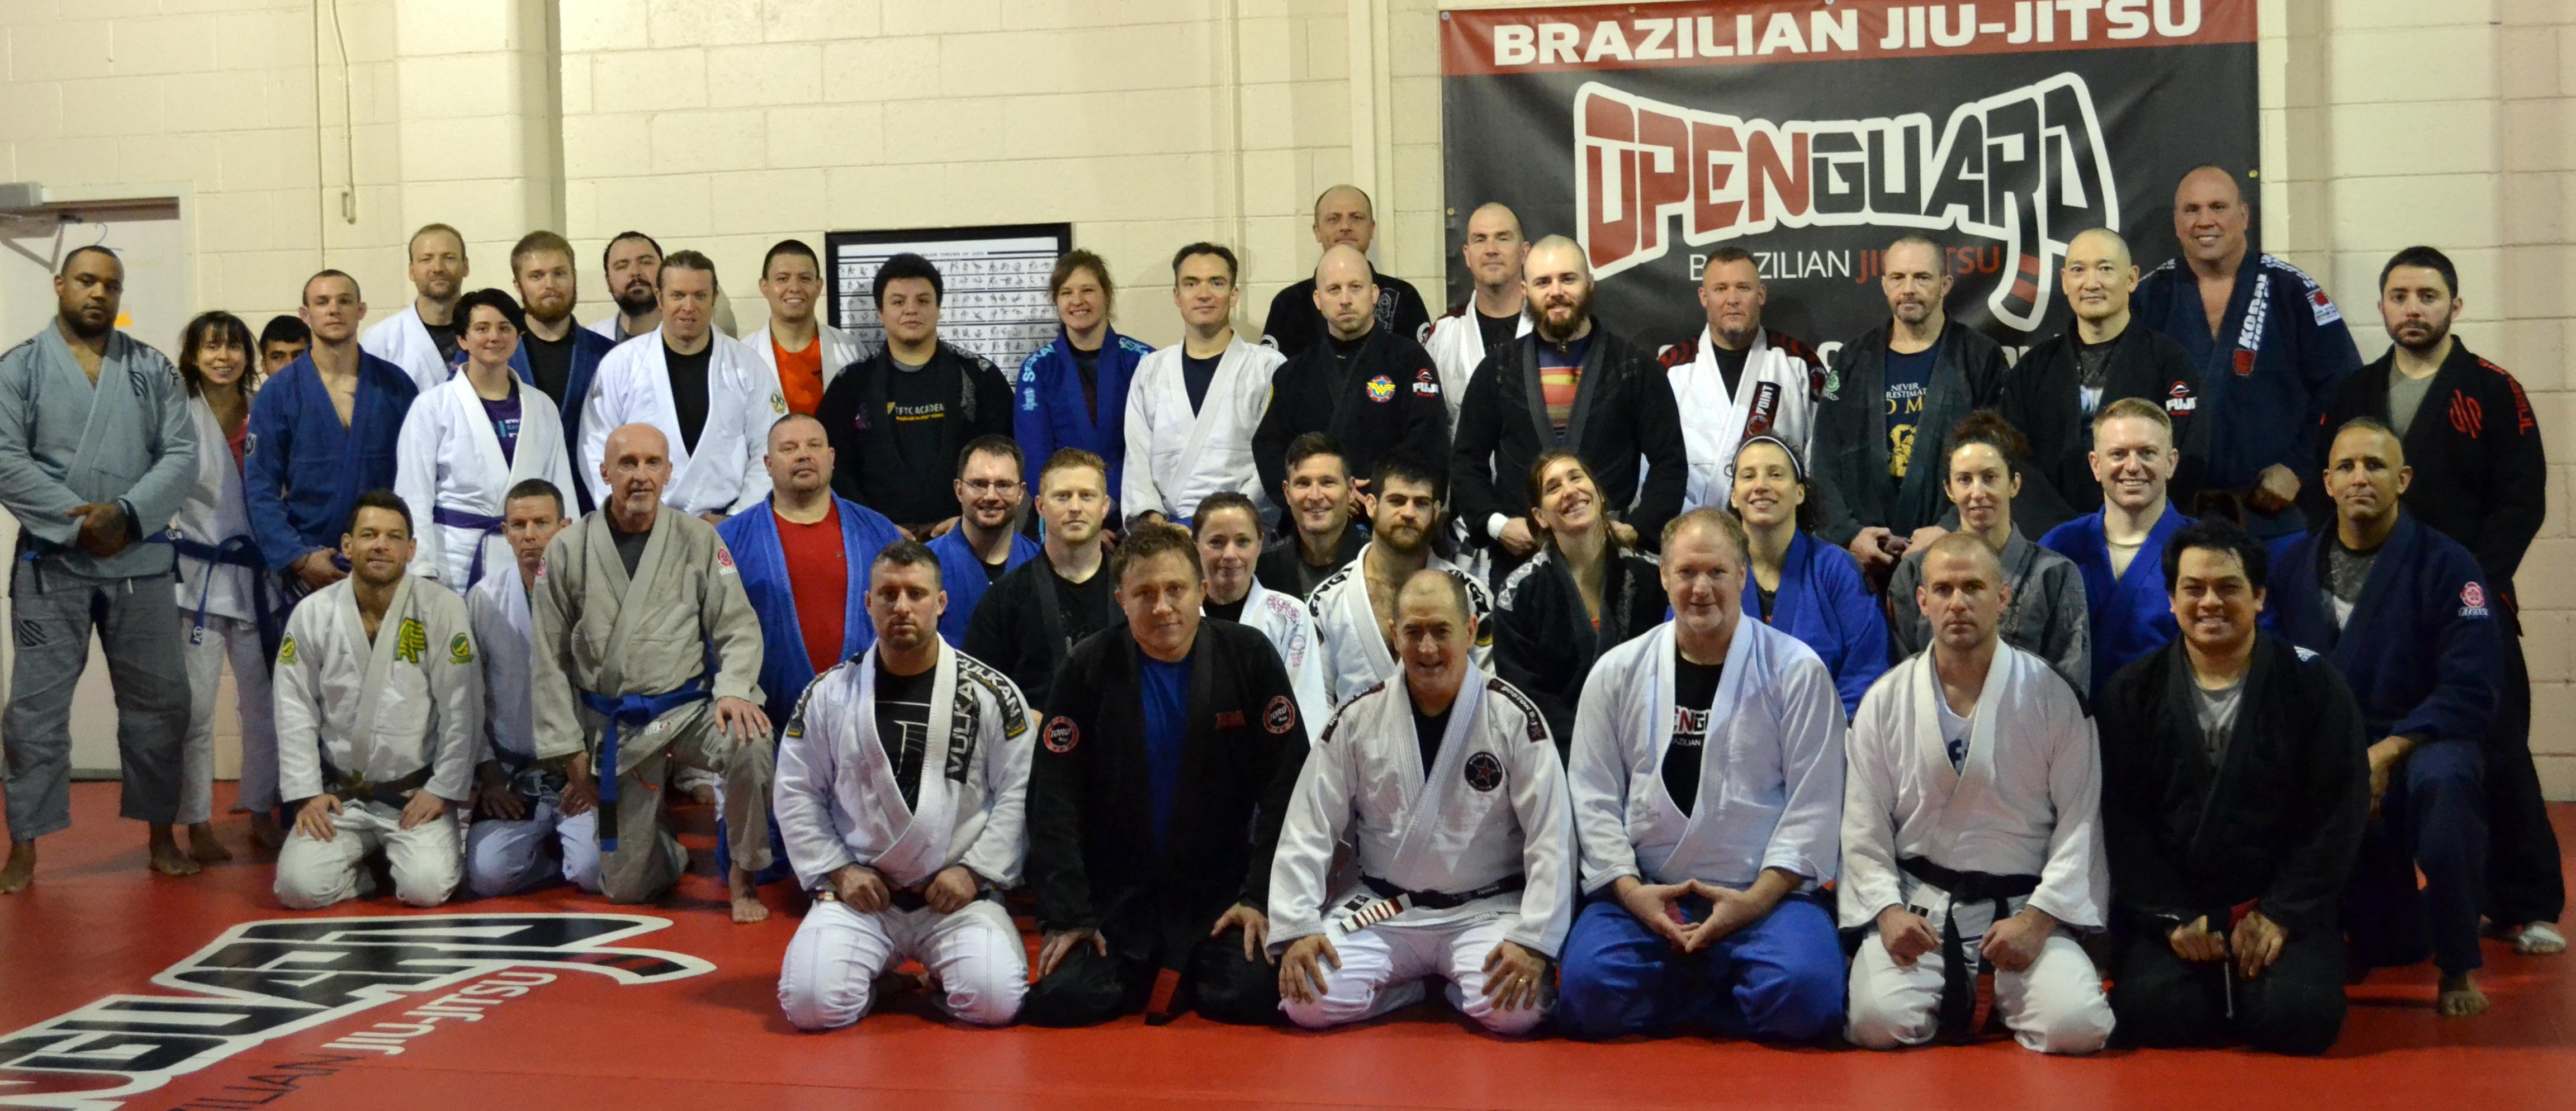 Brazilian Jiu-Jitsu Free Trial Form